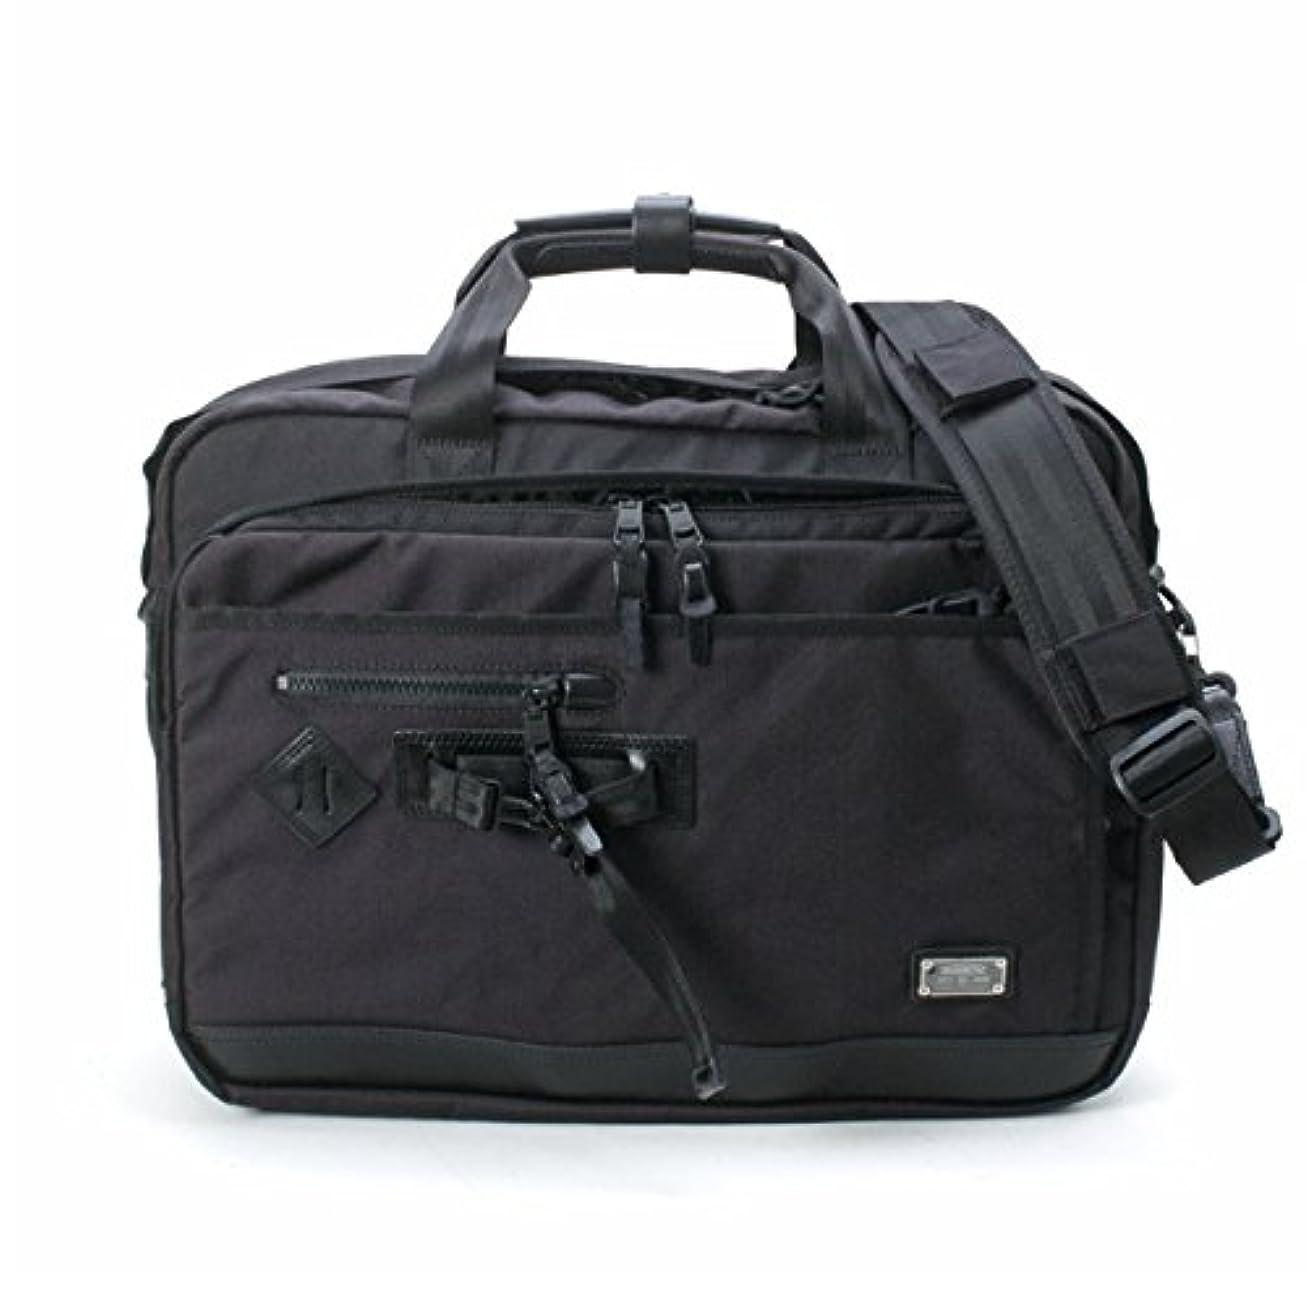 記念碑的な農奴ごちそうアッソブ ビジネスバッグ 061305 Lサイズ AS2OV EXCLUSIVE BALLISTIC NYLON DOCUMENT BUSINESS BAG L